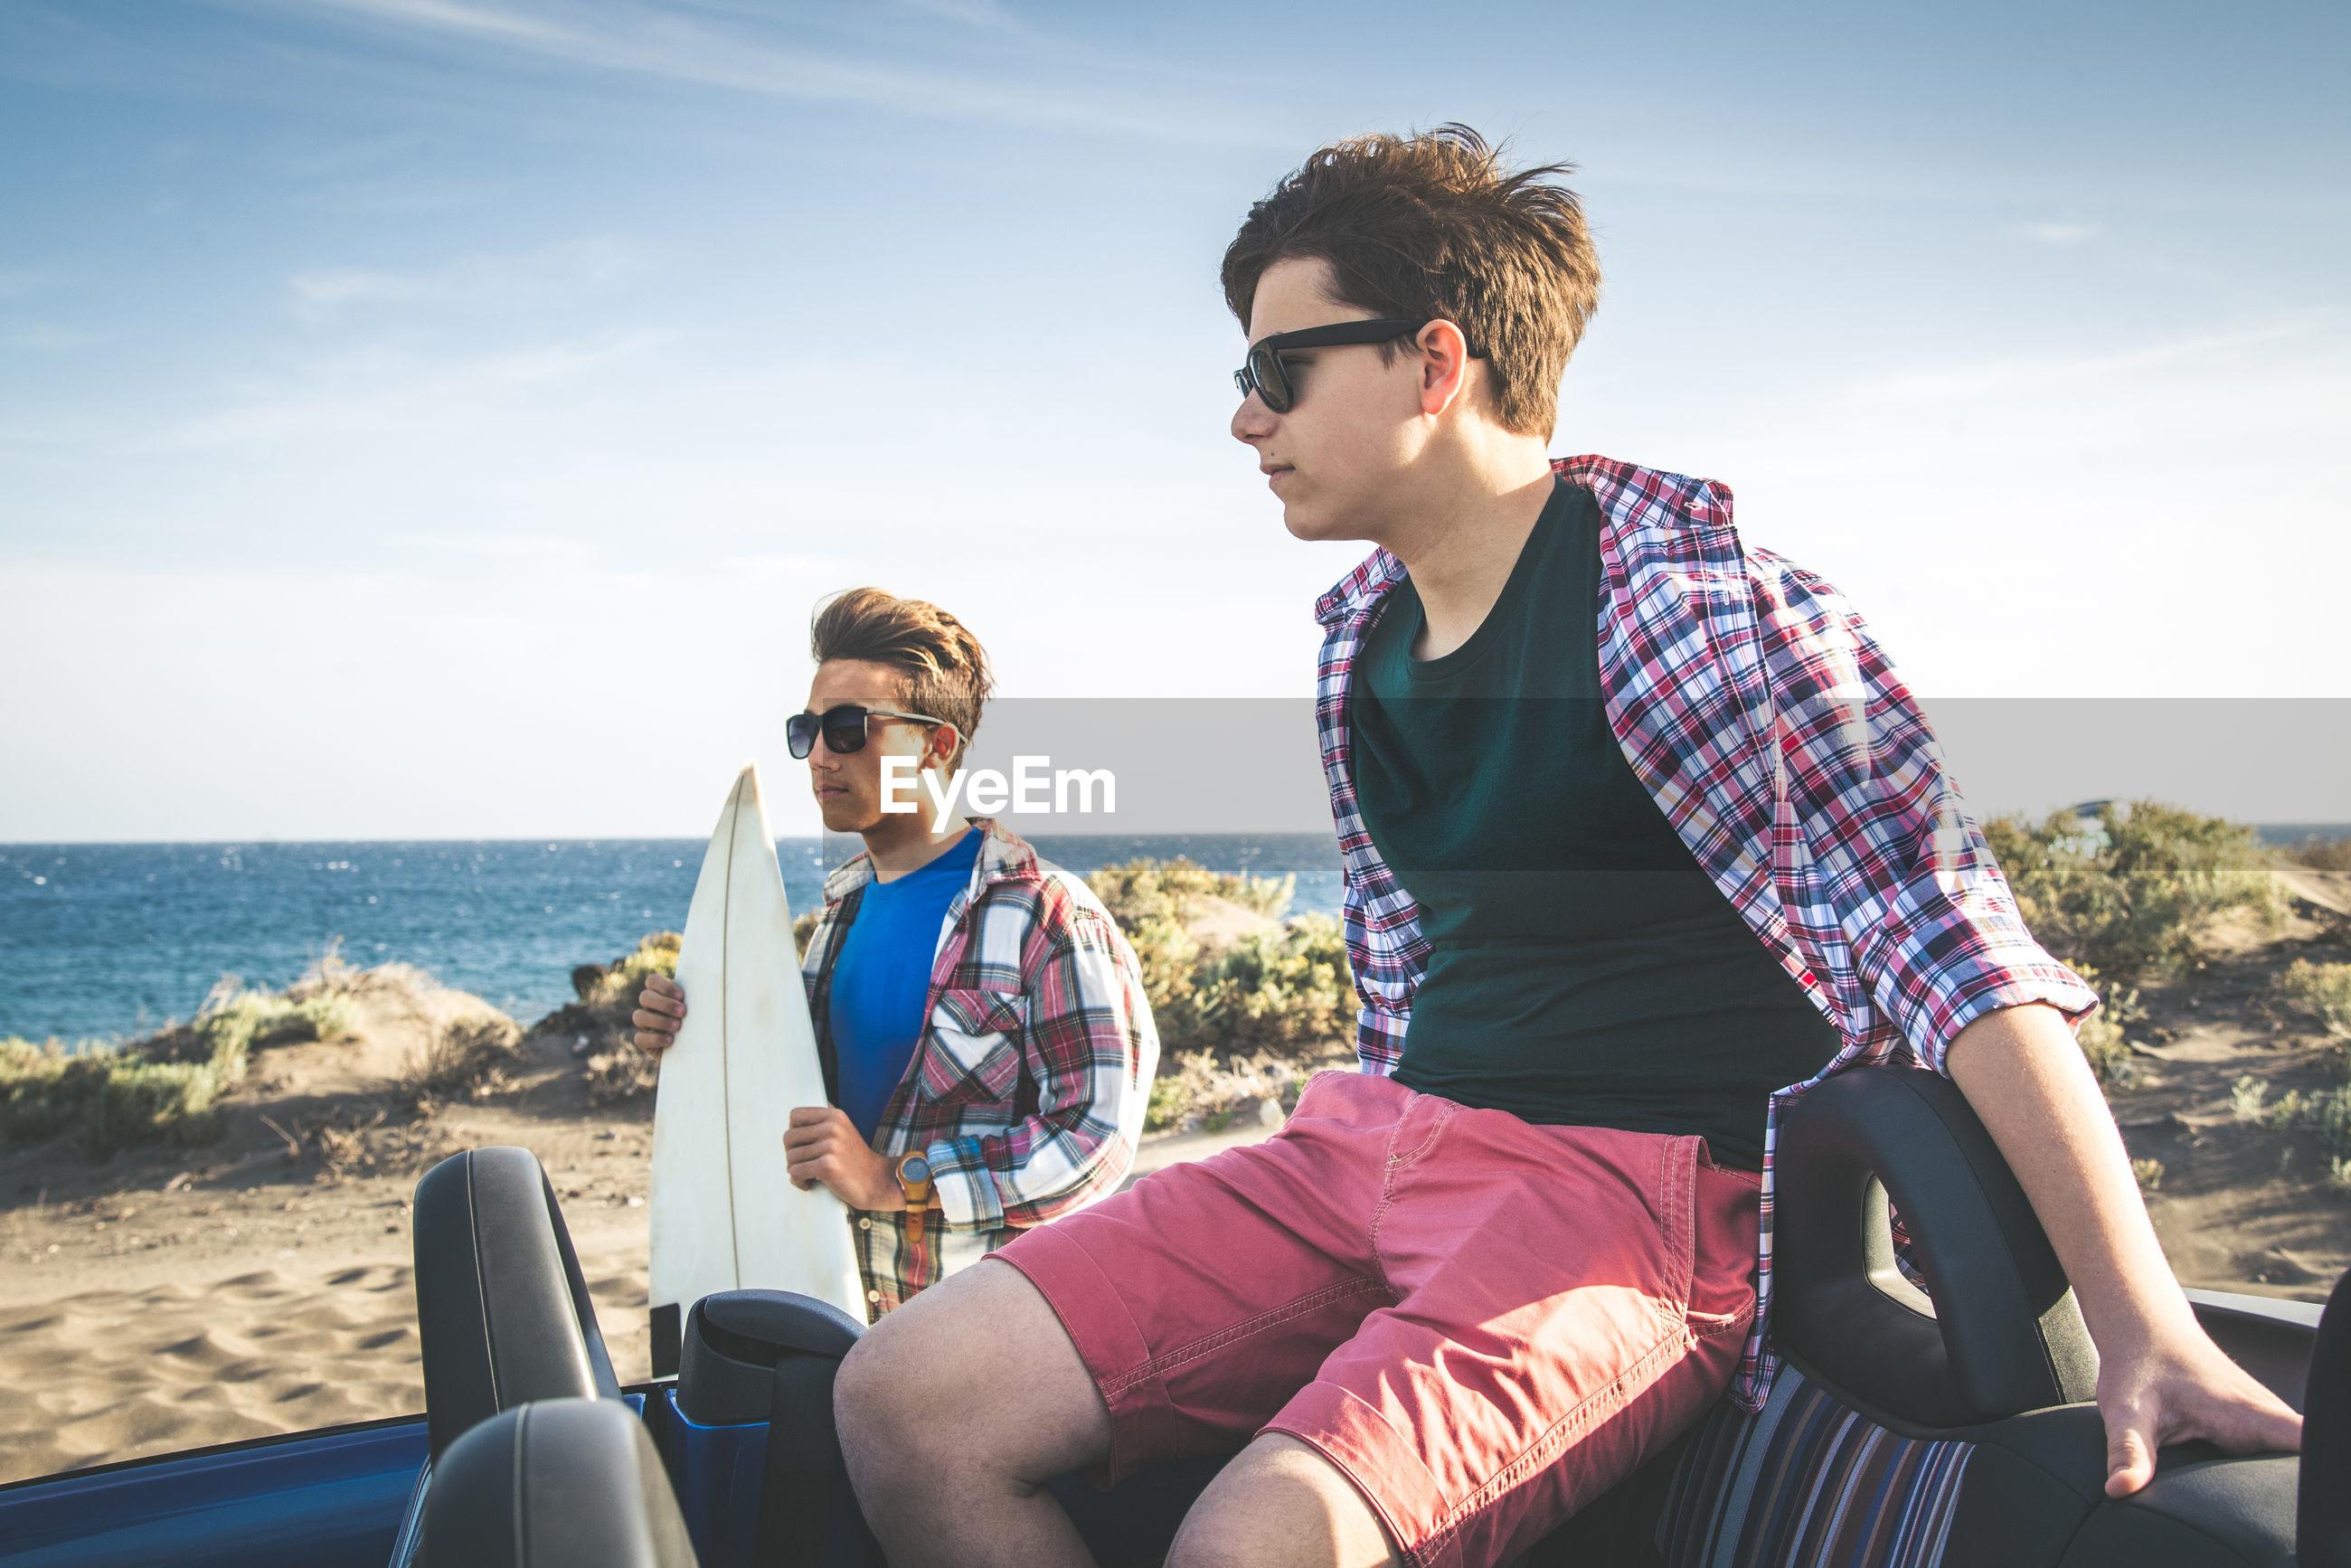 Teenage boys by car at beach against sky